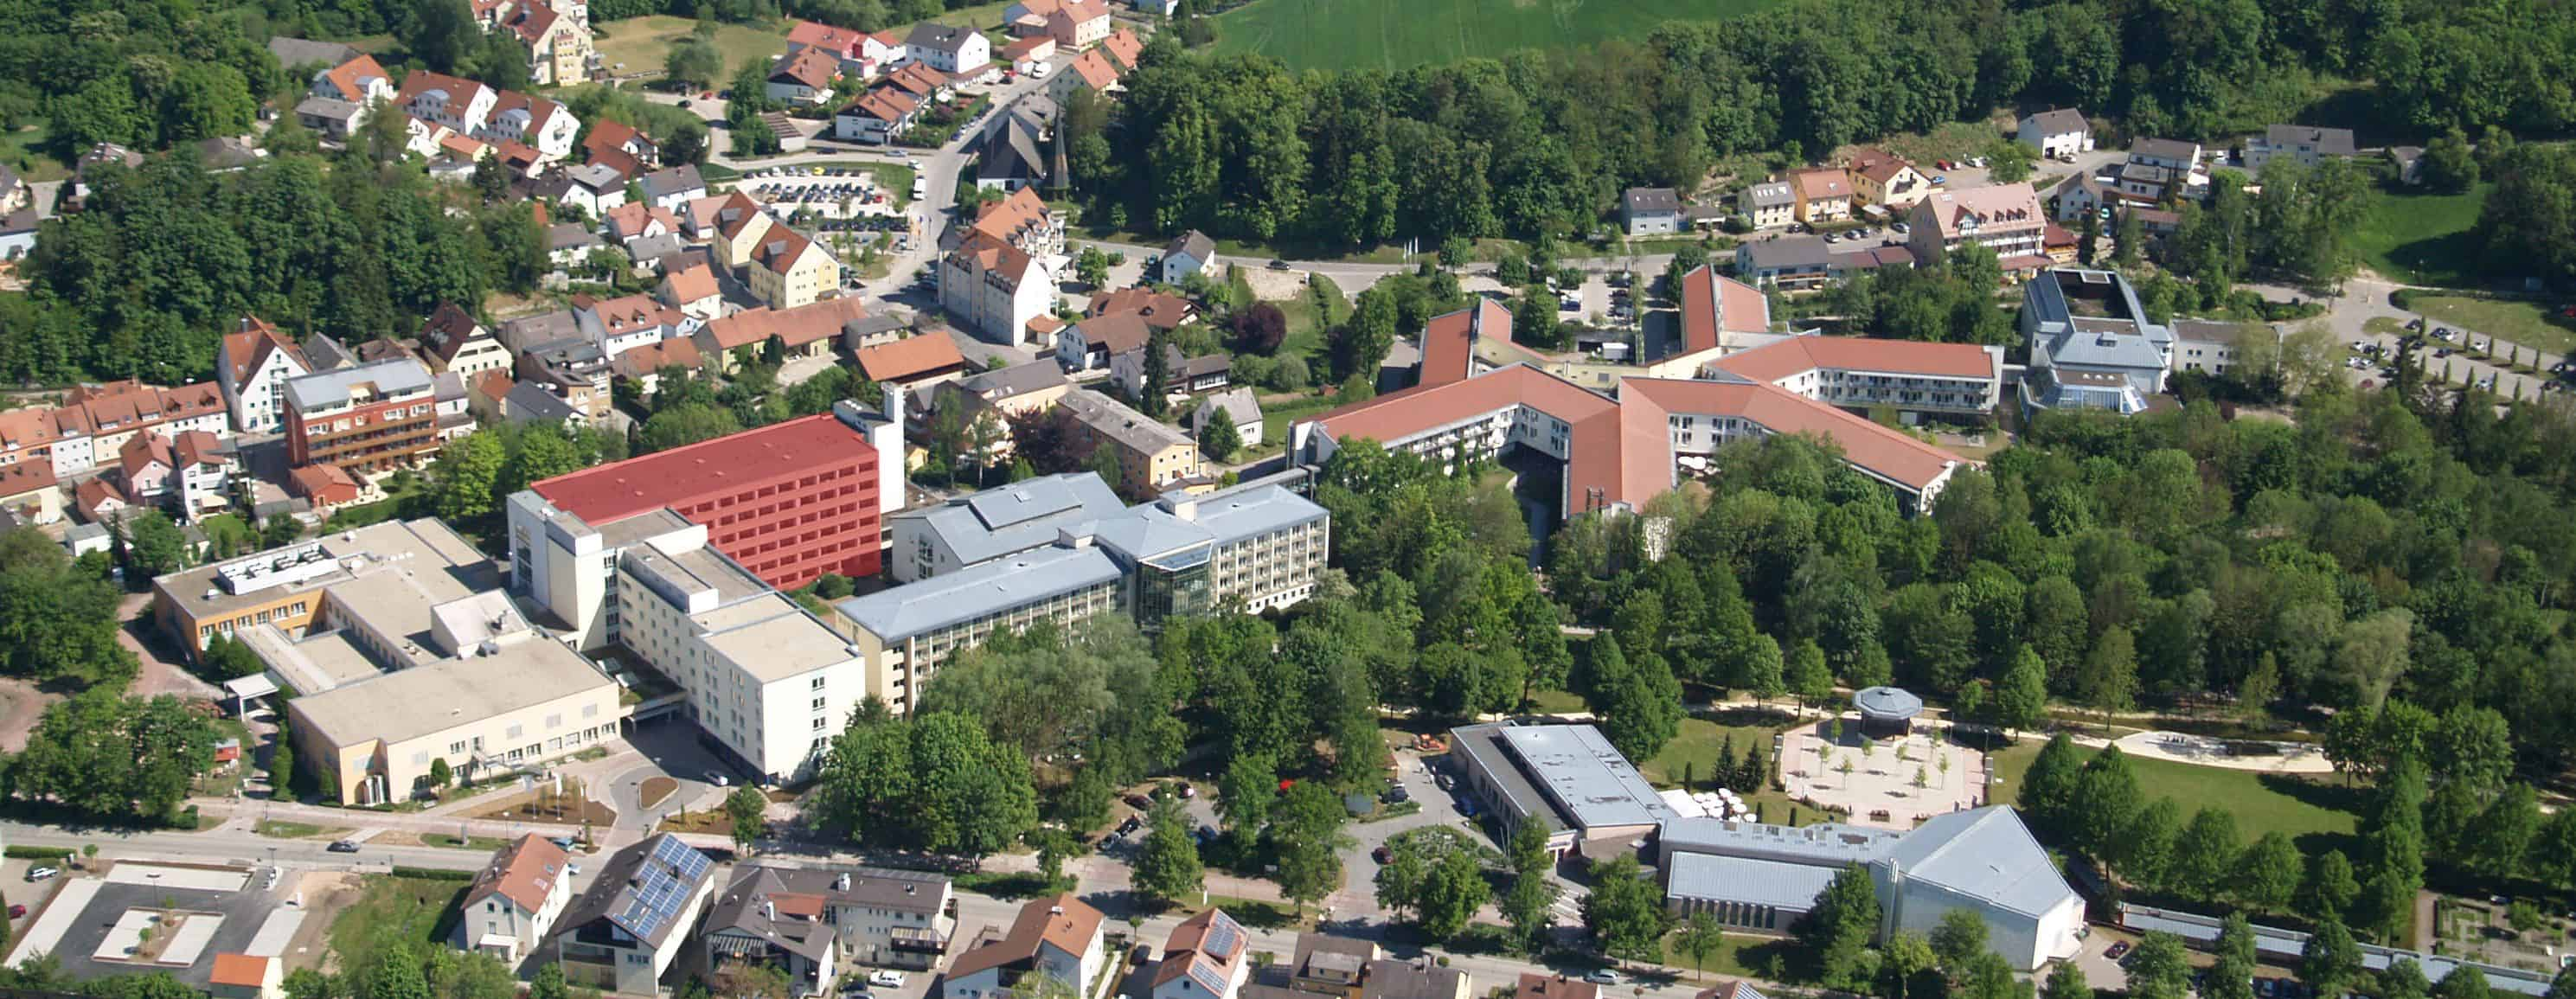 Bauphase am Asklepios Klinikum Bad Abbachgestartet